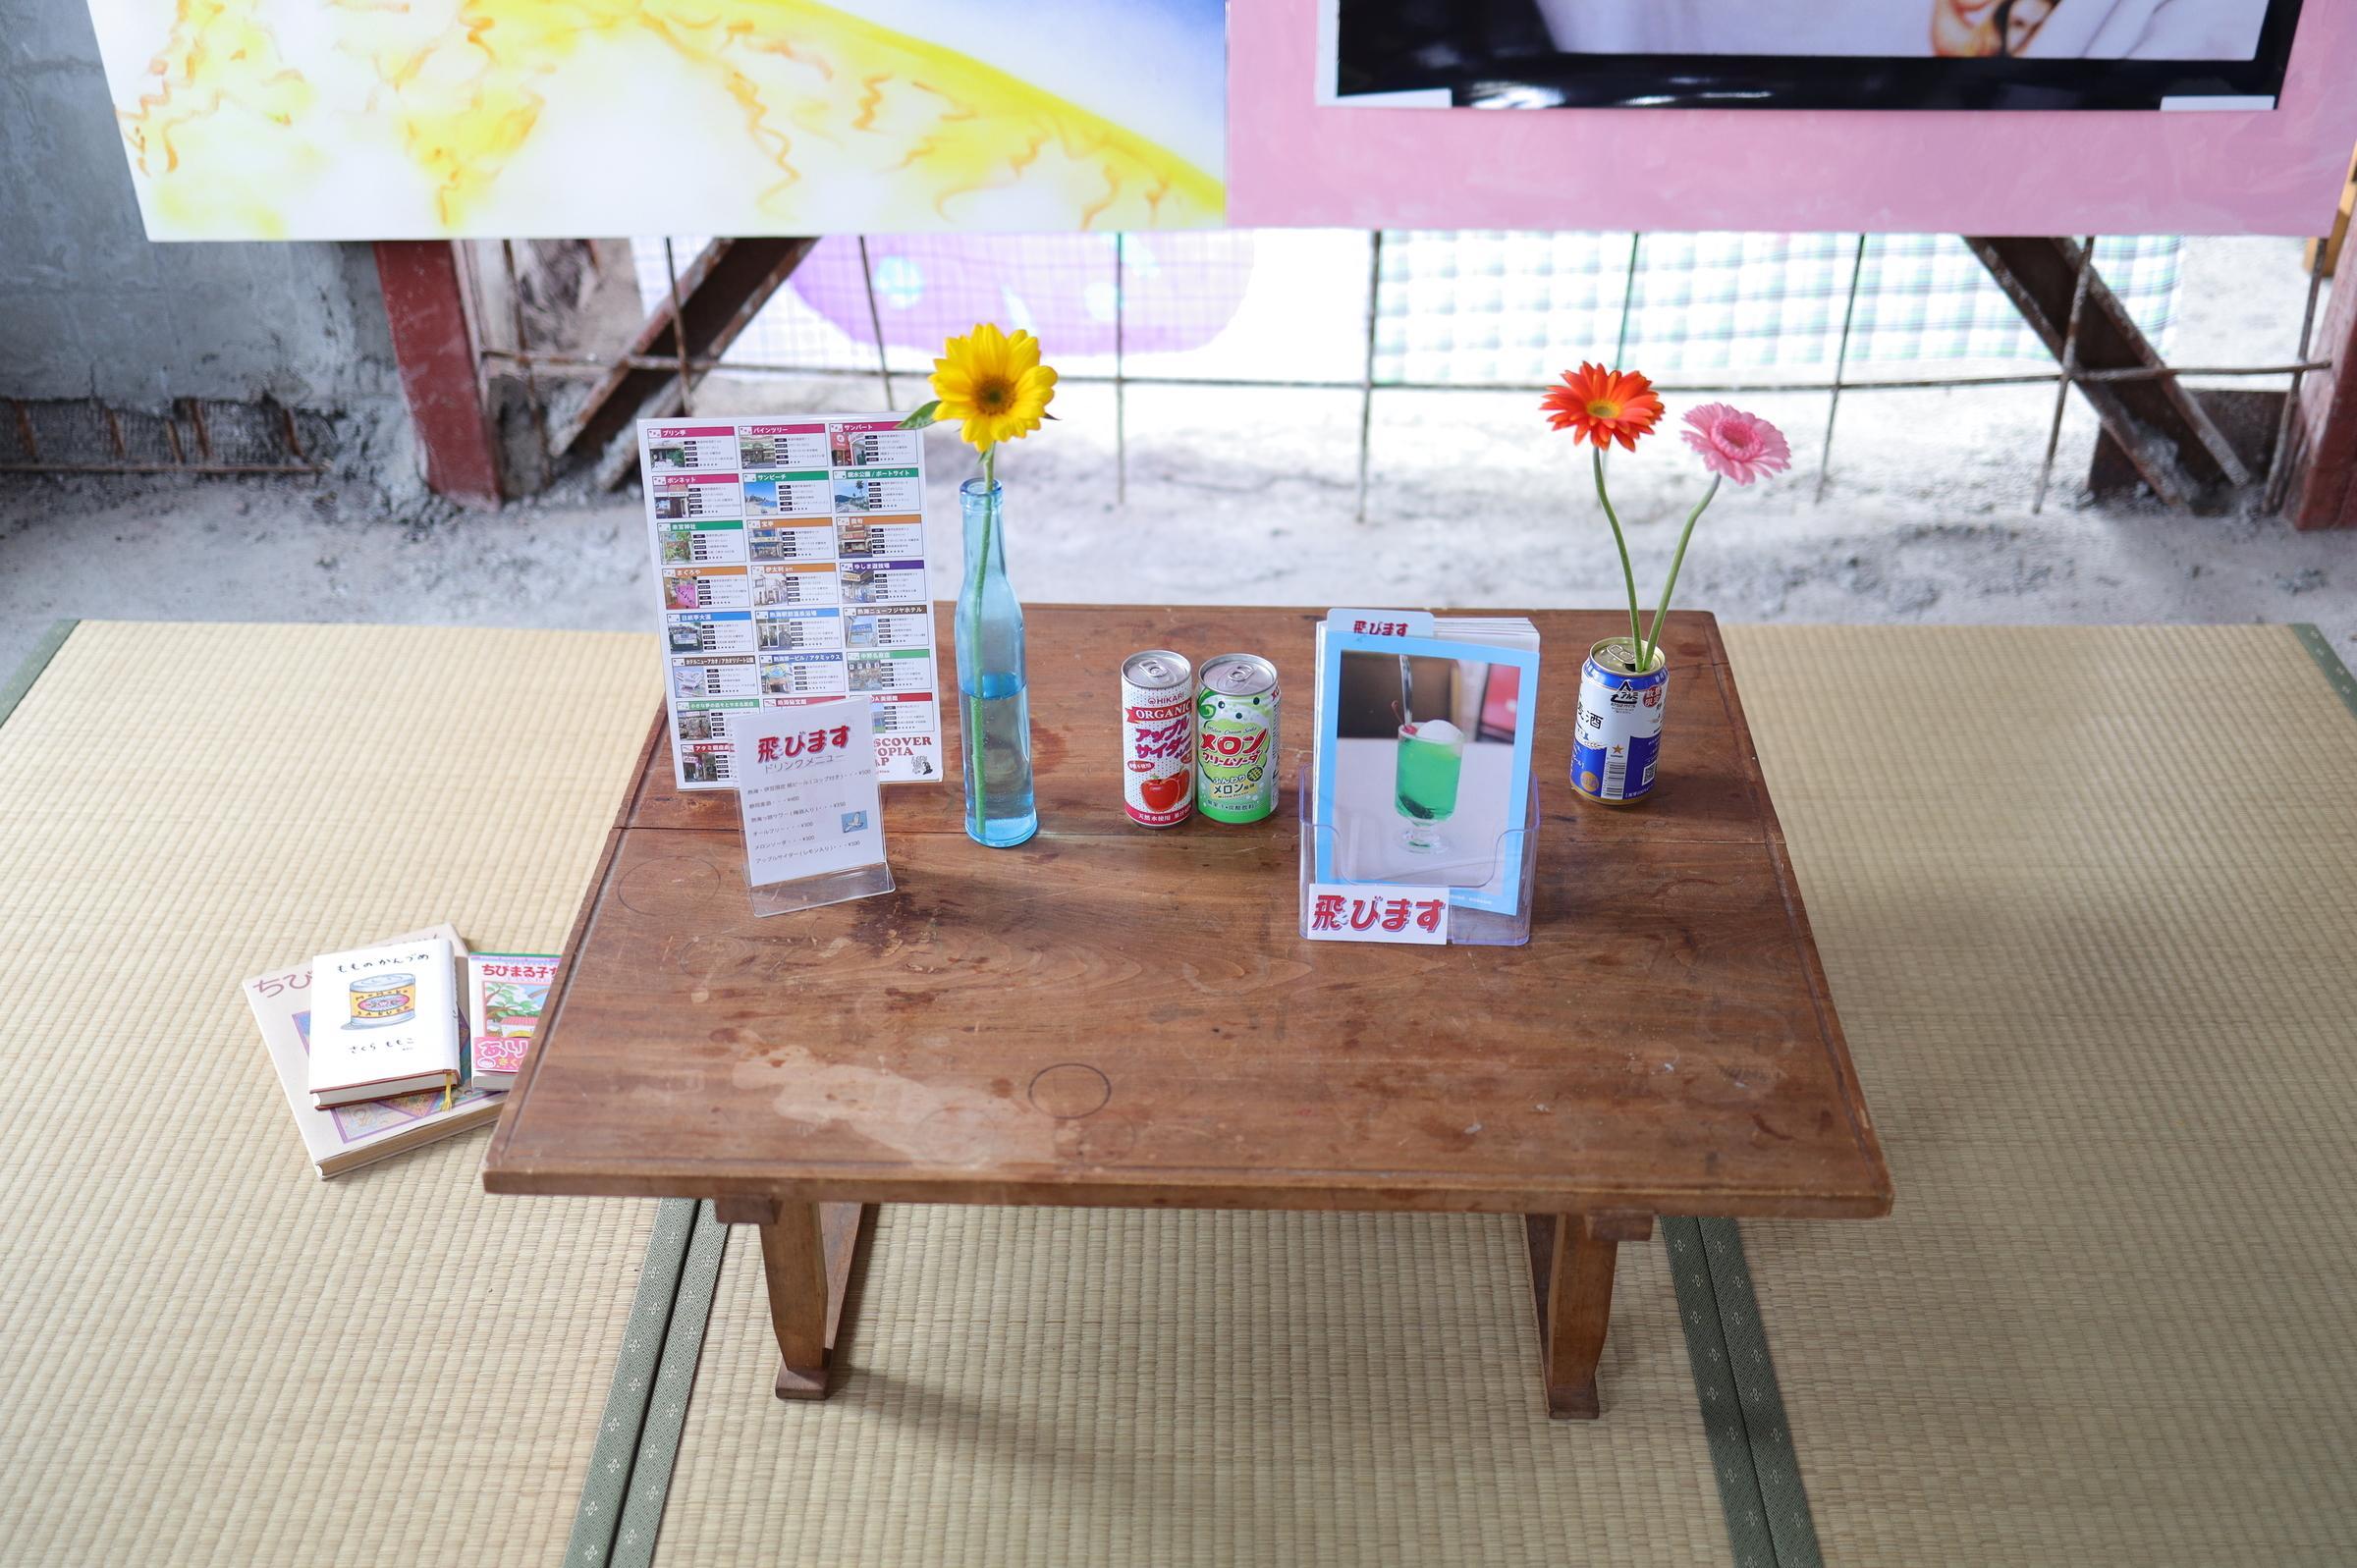 川島小鳥さんと小橋陽介さん『飛びます』展示を見に熱海まで!